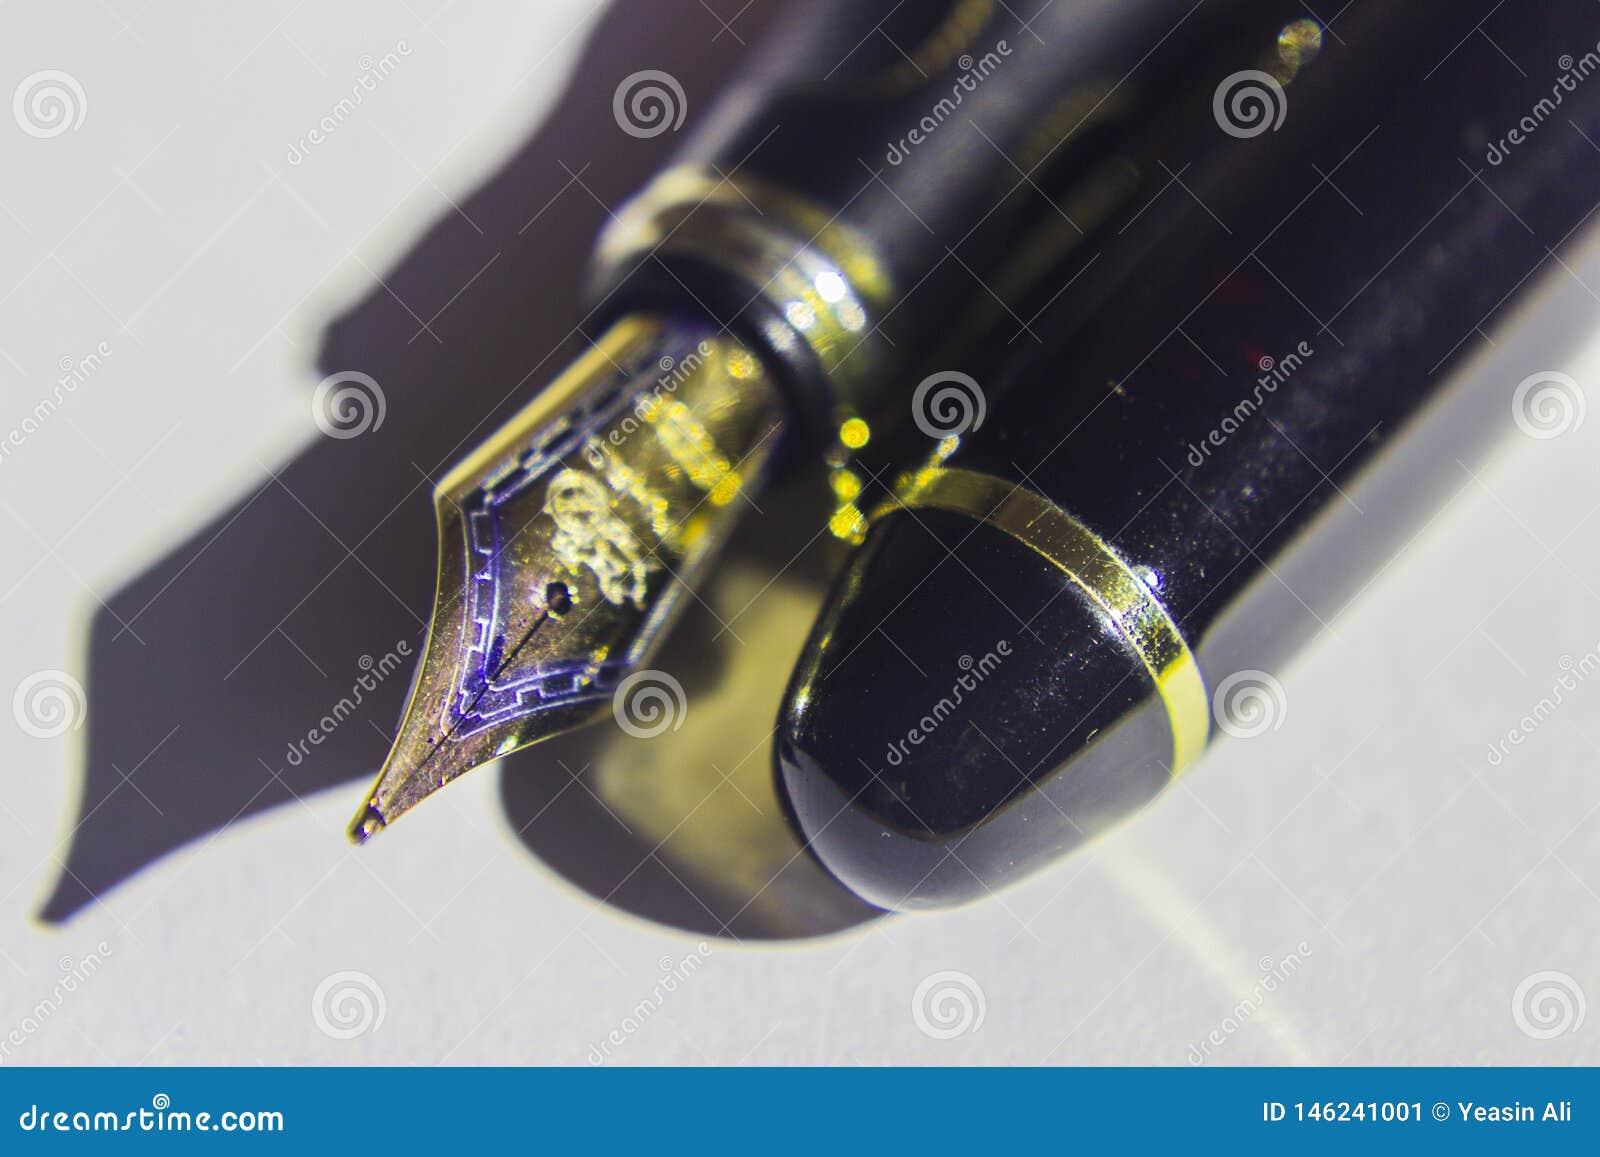 钢笔和鸟嘴